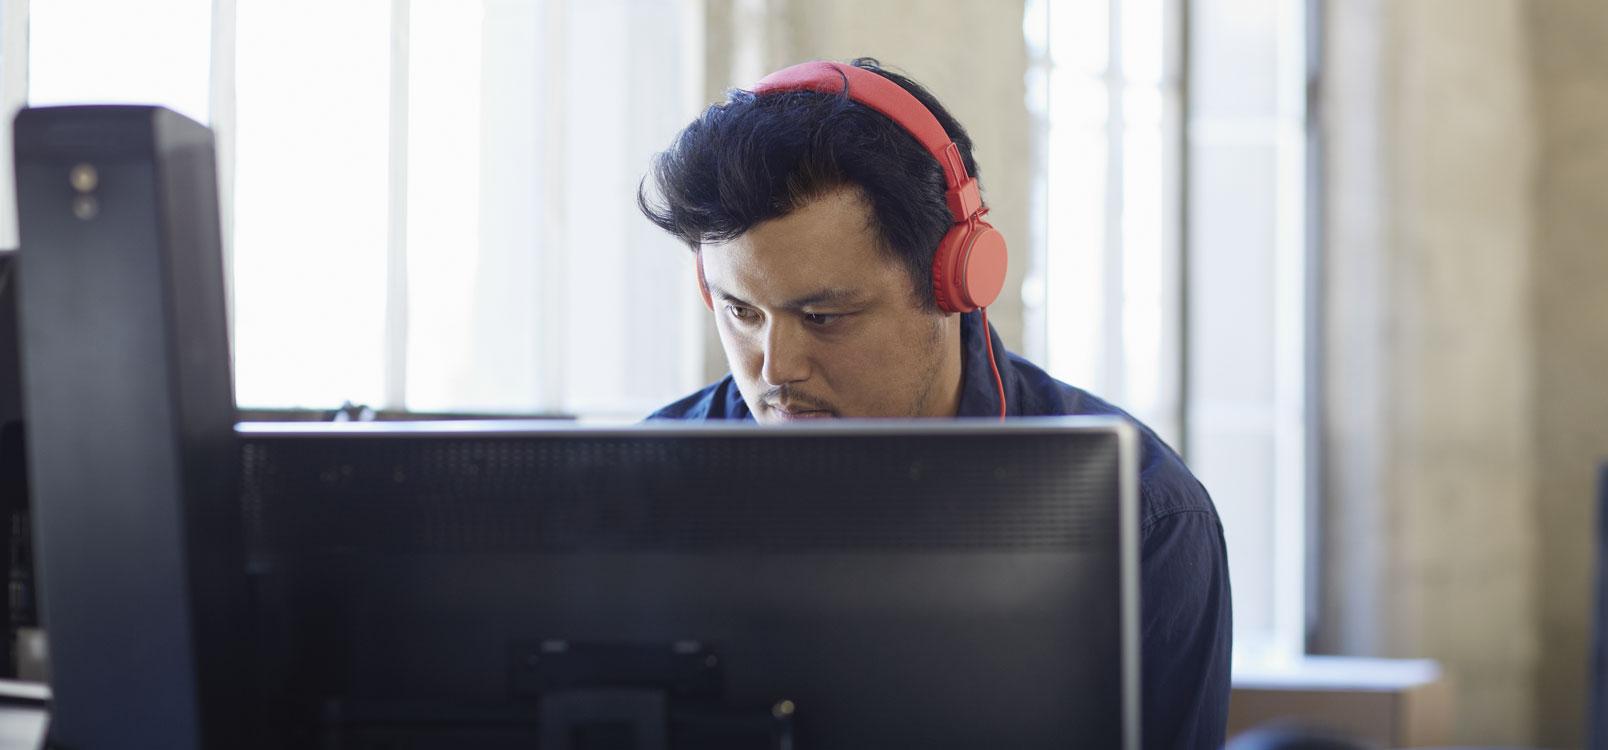 Seorang pria menggunakan headphone sedang bekerja dengan PC desktop menggunakan Office 365 untuk menyederhanakan TI.